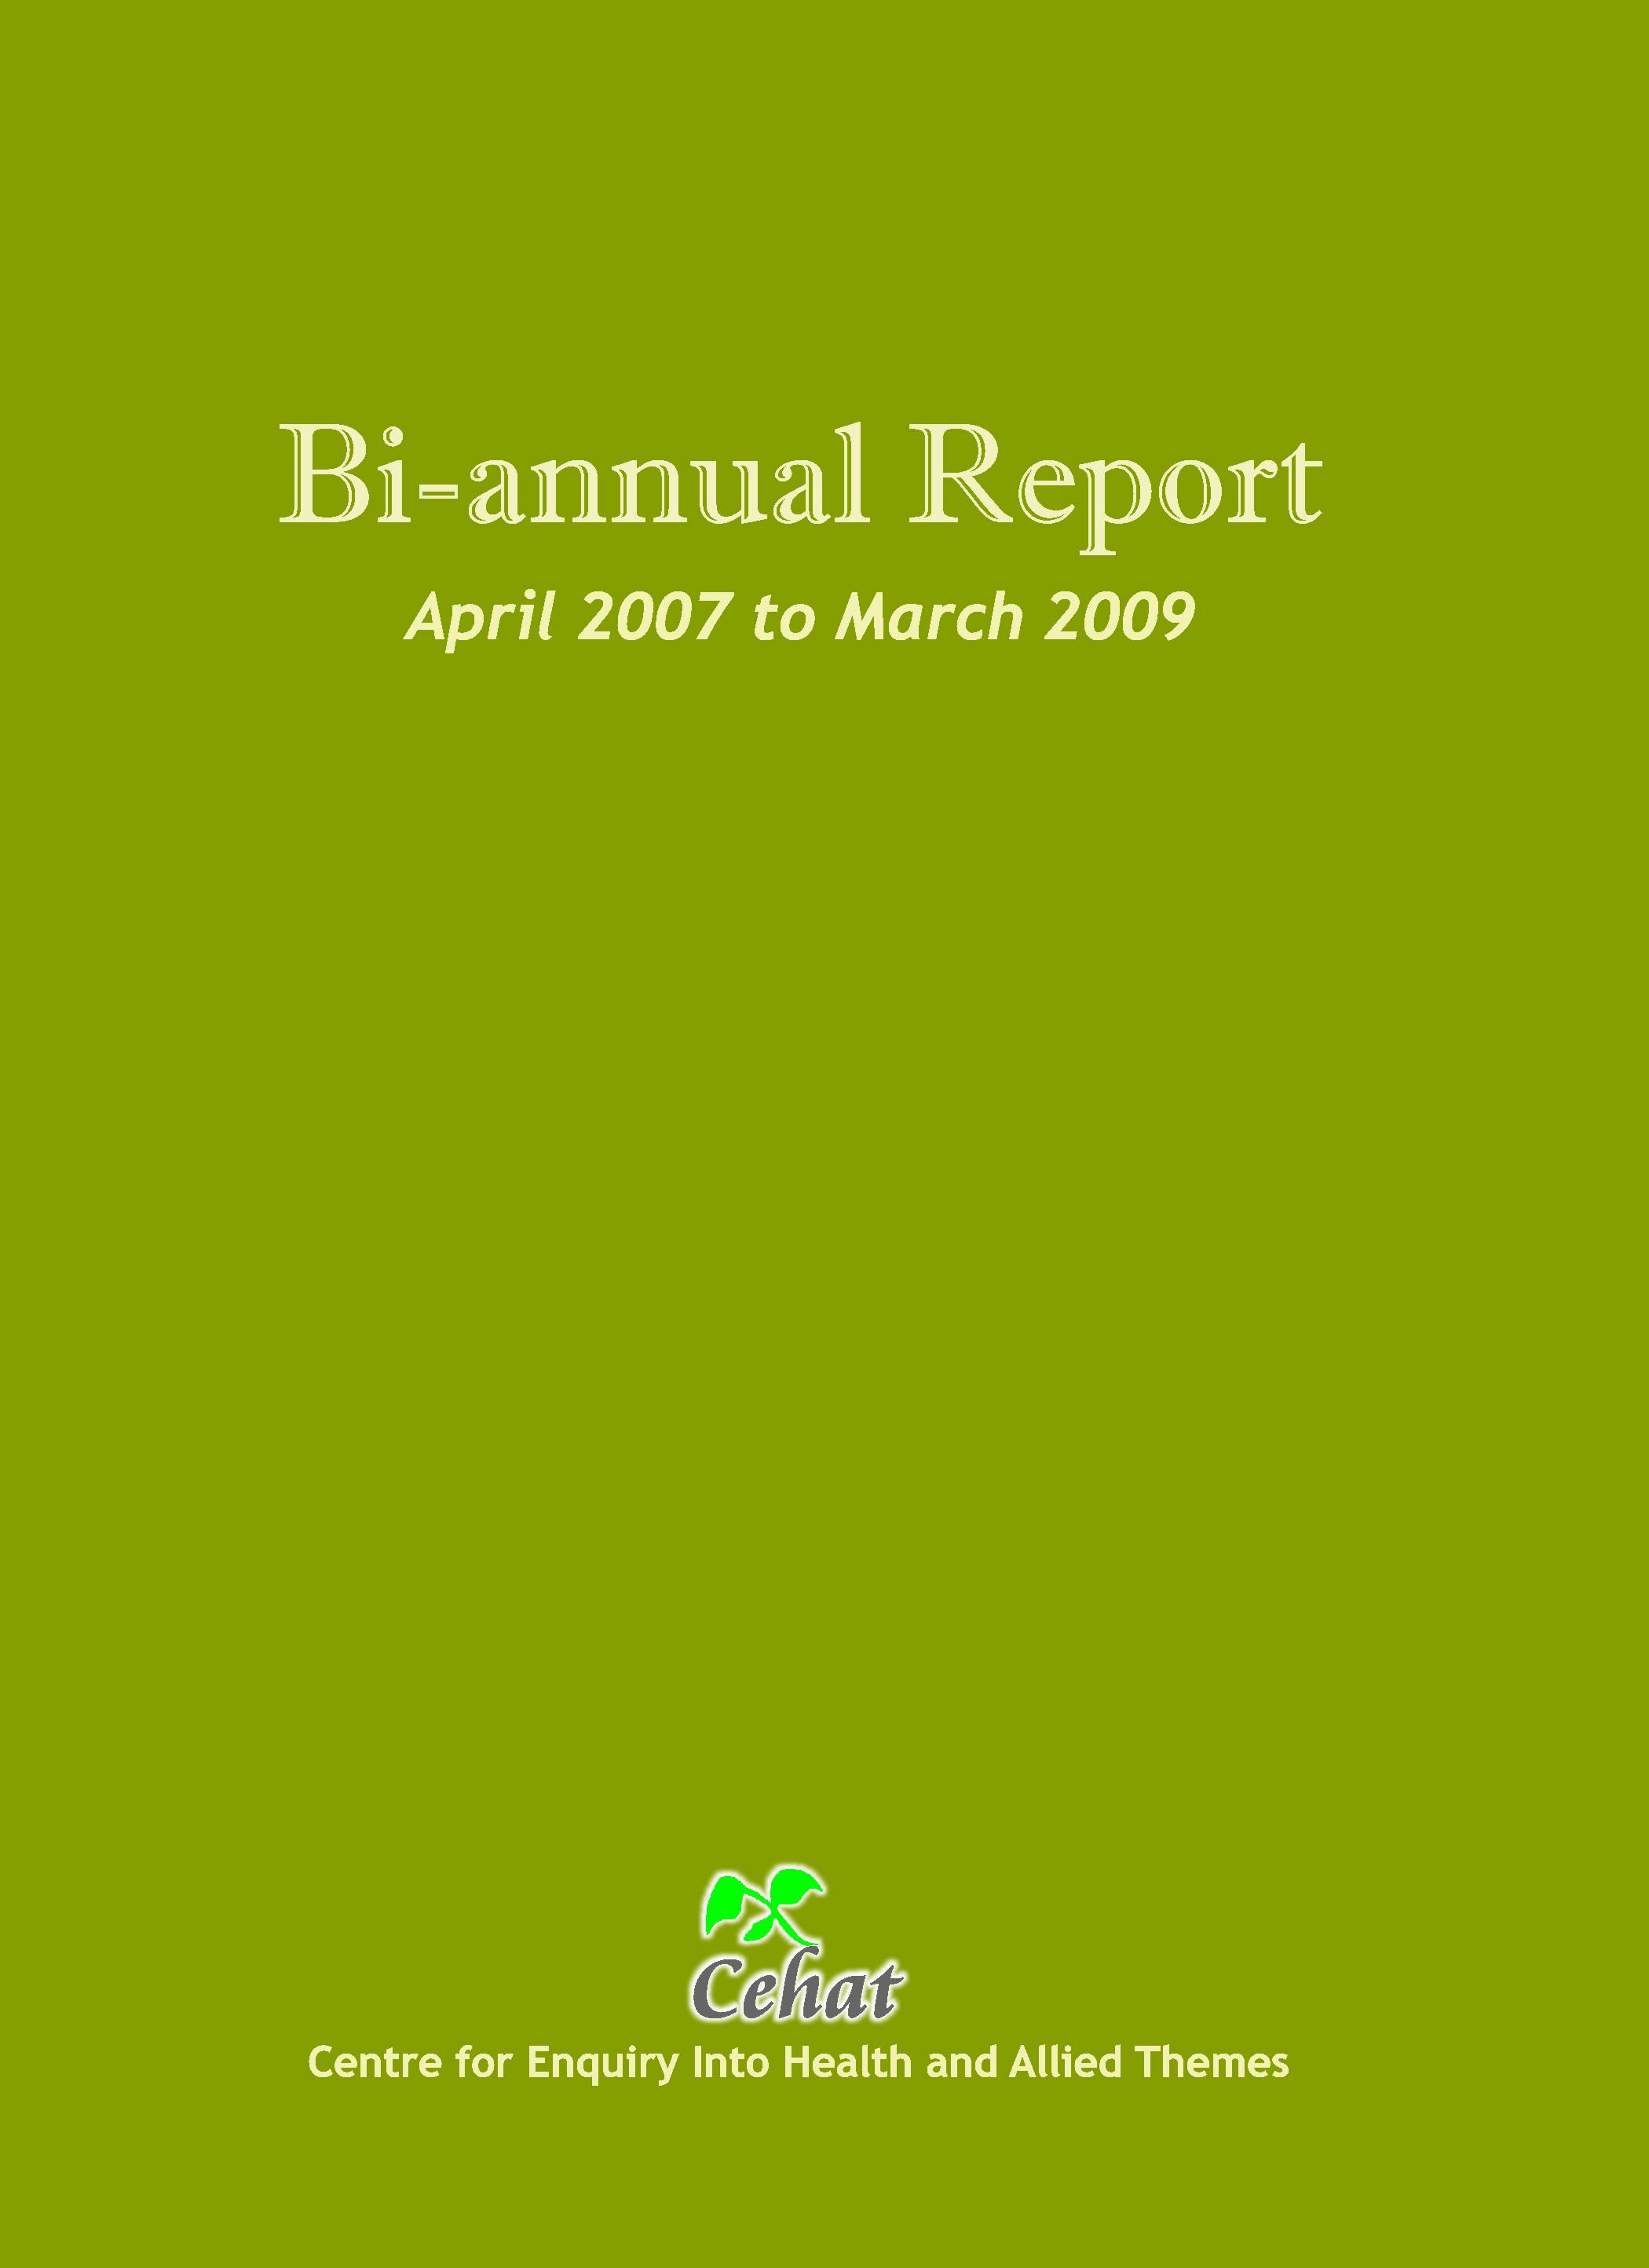 April 2007-March 2009